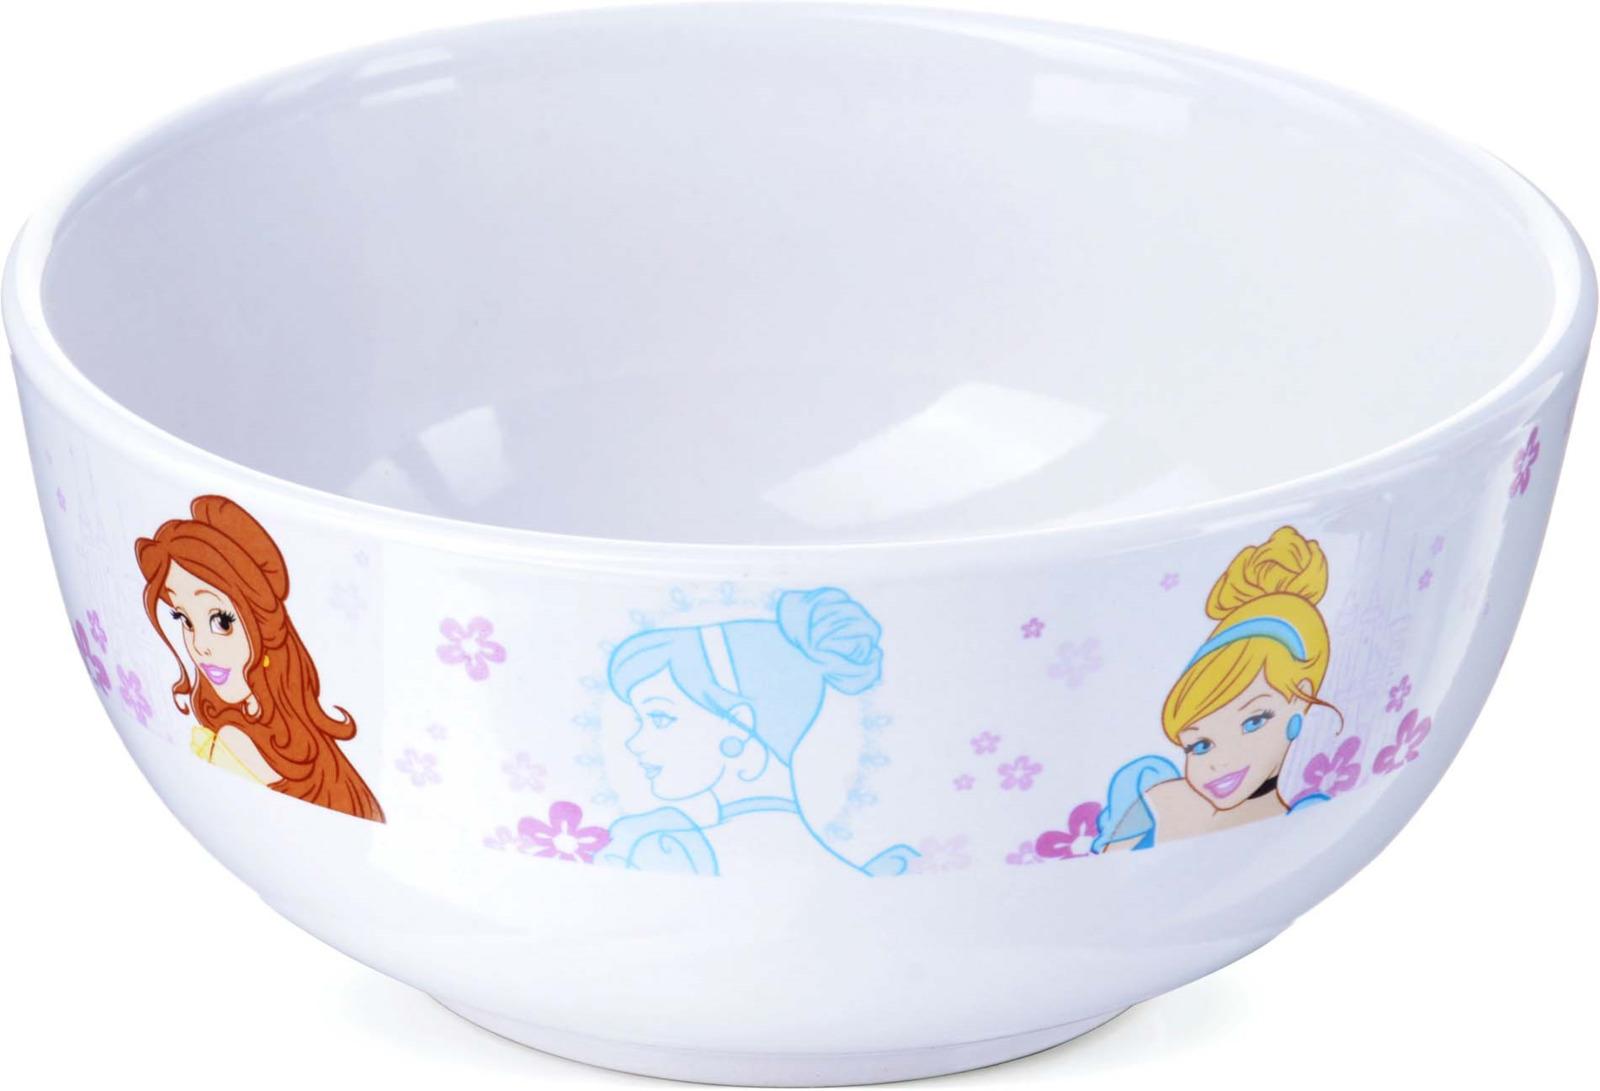 Тарелка детская Disney Princess, цвет: белый, розовый, коричневый, диаметр 14 см. 2770627706Тарелка PRINCESS Disney, выполненный из высококачественной керамики и декорированы красочным рисунком. Такая тарелка обязательно понравится вашему ребенку, потому что теперь у него будет своя собственная посуда с изображением героев популярных мультиков. Тарелка Disney - идеальный подарок для вашего ребенка. Подходит для мытья в посудомоечной машине. Рекомендуем!